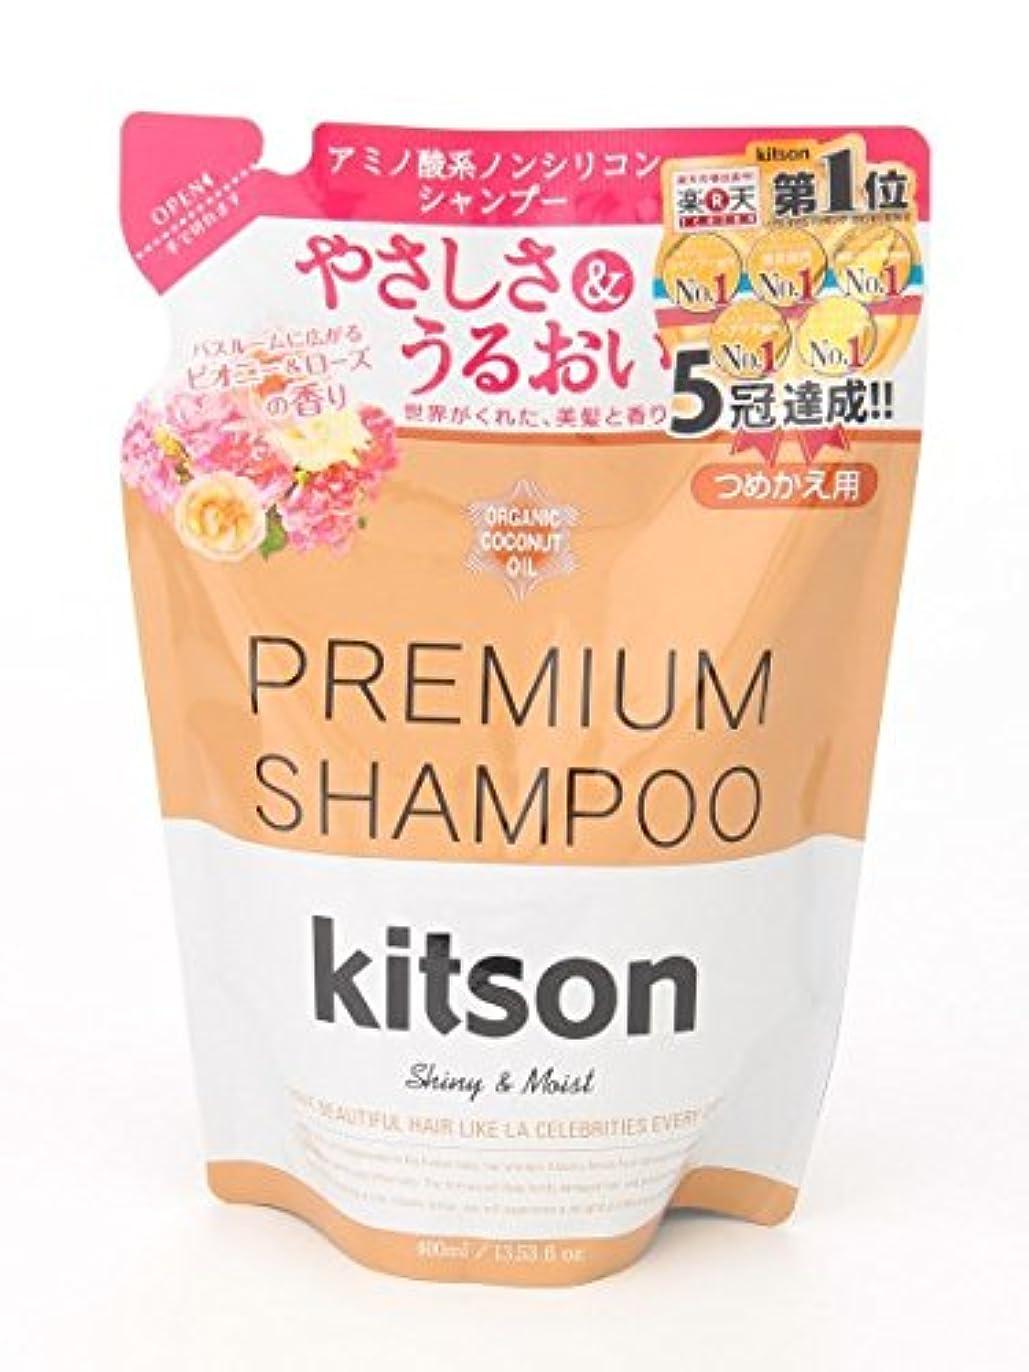 できるエンジニア不正確kitson キットソン プレミアムシャンプー 詰替え用 (400ml)